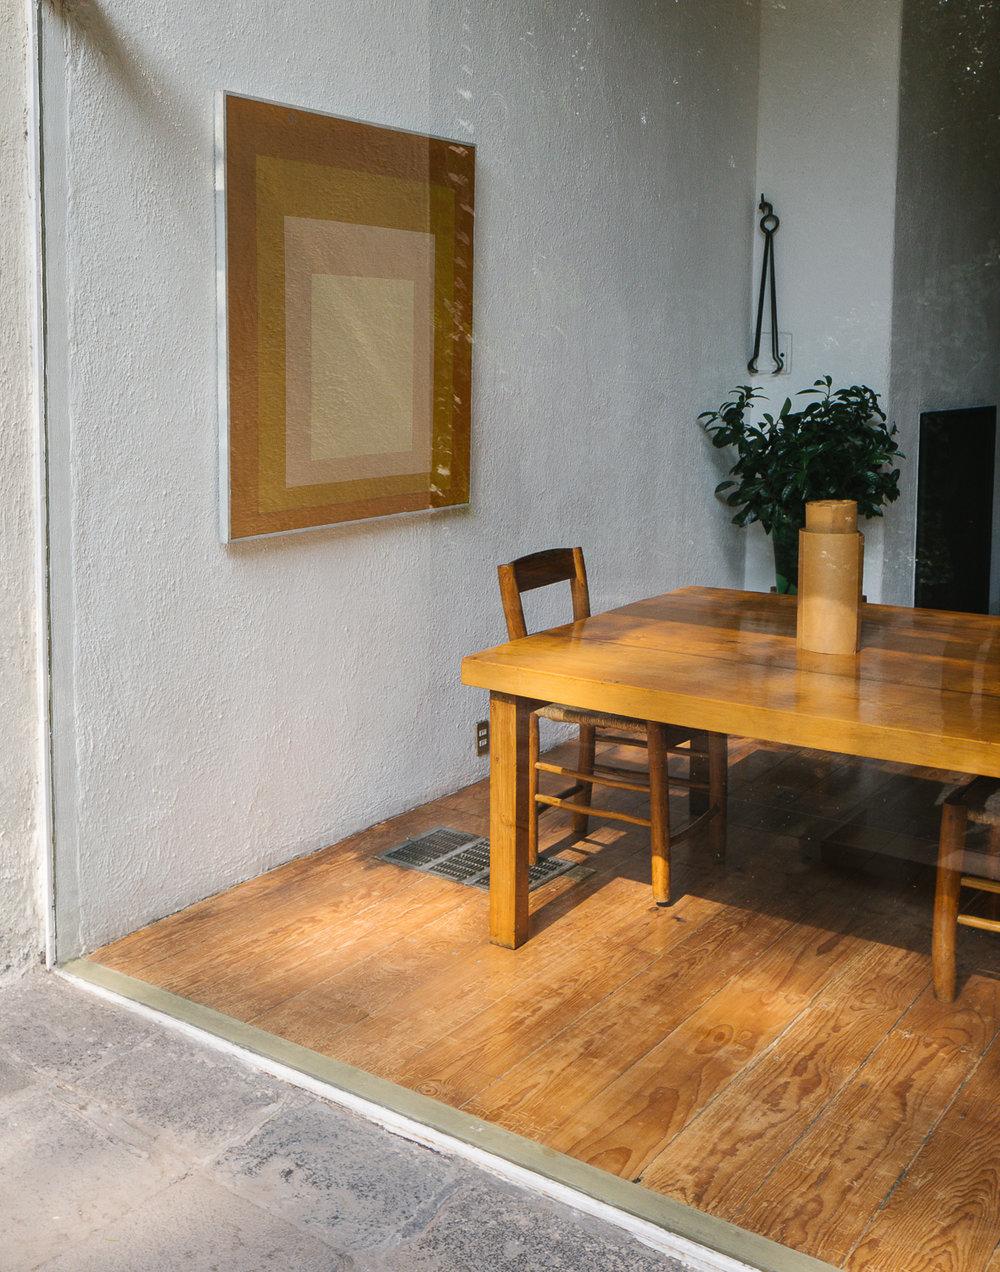 casa luis barragan-3.jpg